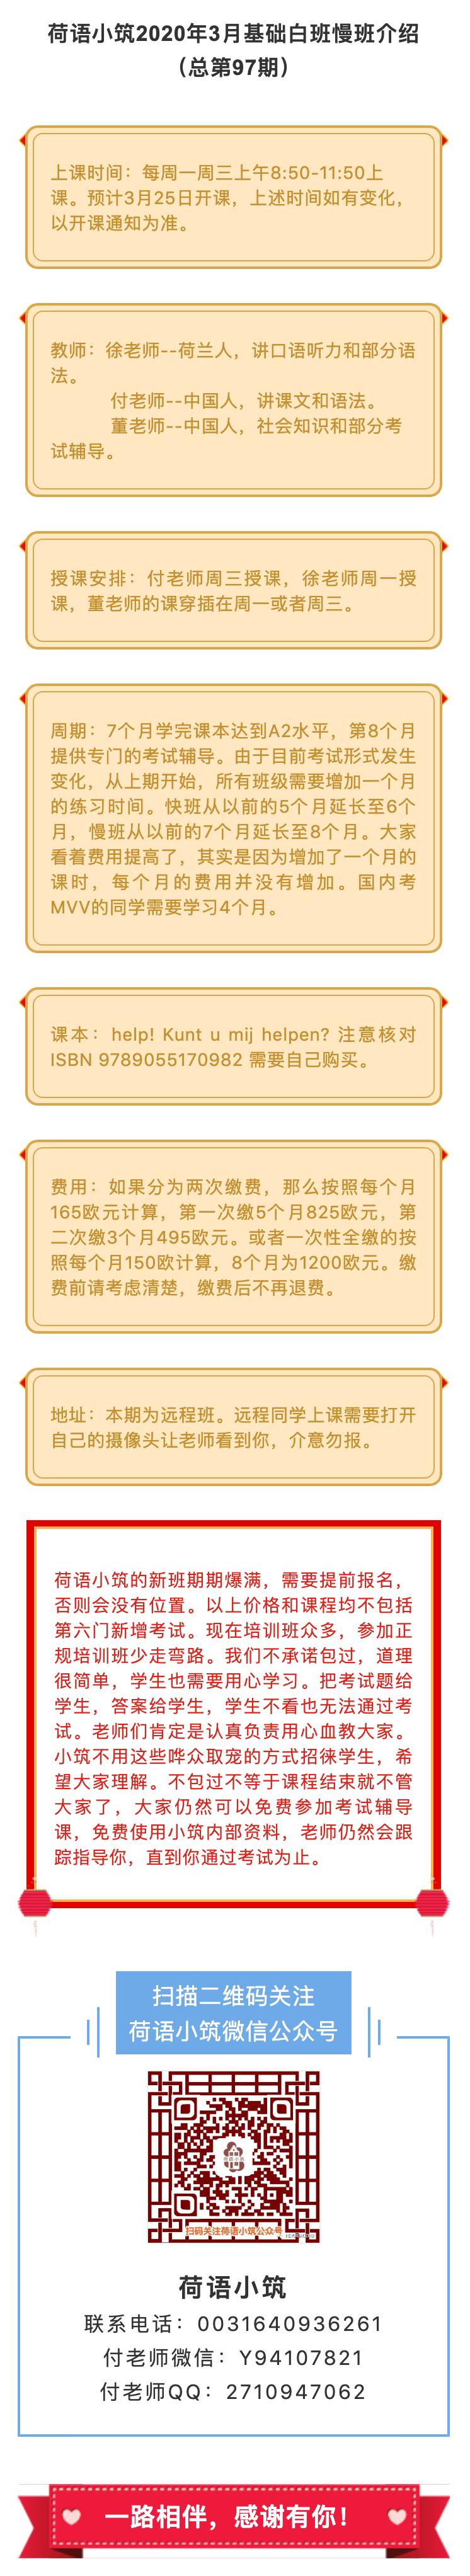 【荷语小筑】2020年3月基础白班慢班开始占位啦!(总第97期)